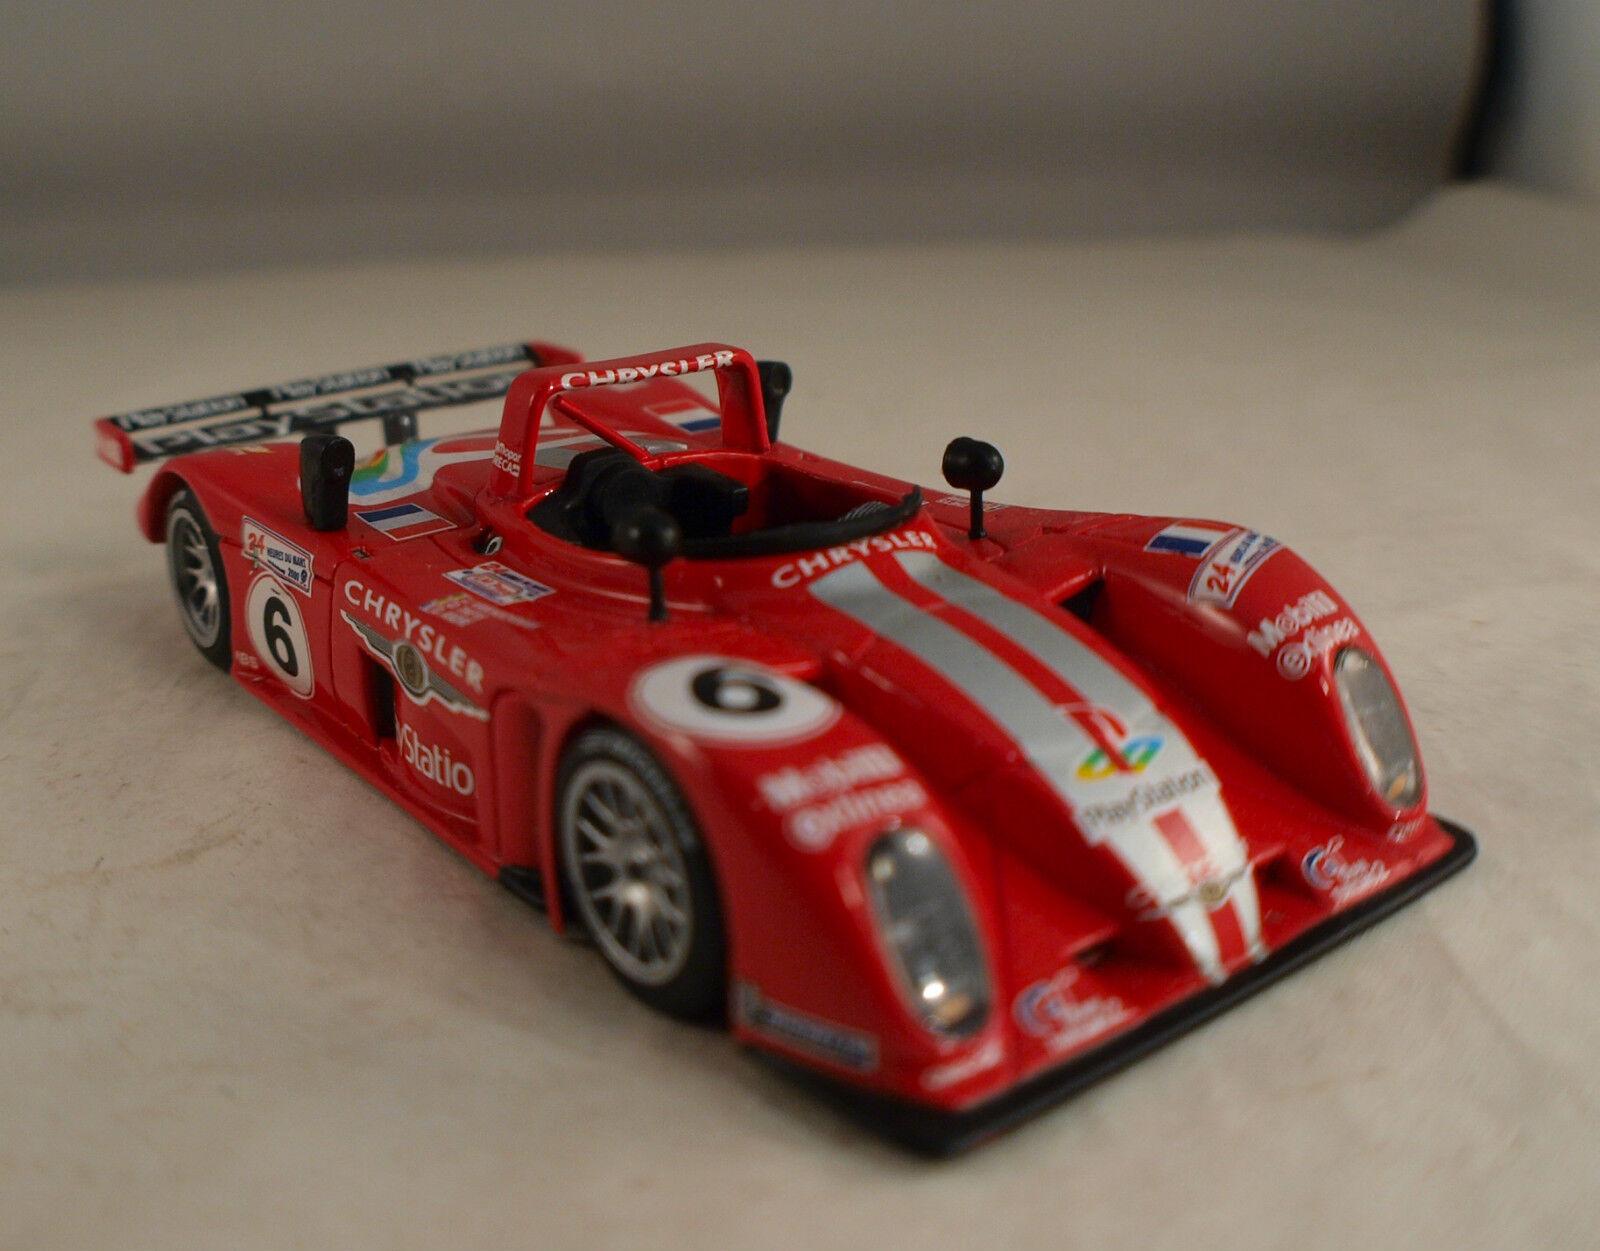 Spark SCYD02 Reynard 2KQ Oreca n°6 Theys André Le Mans 2000 1 43